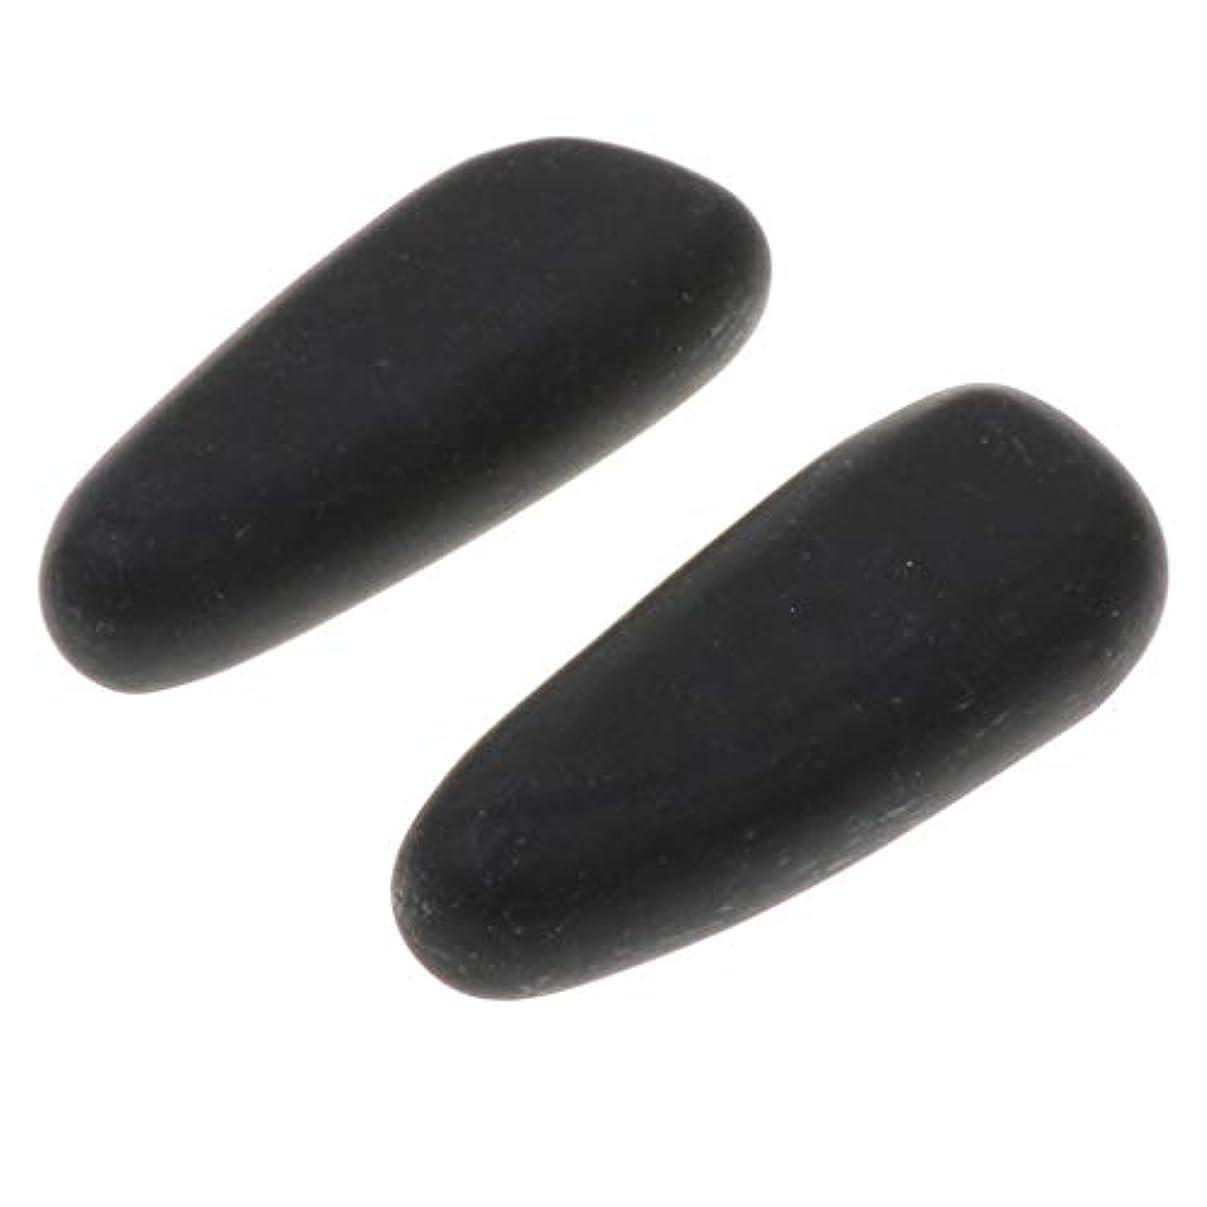 牛肉換気素人CUTICATE 天然石ホットストーン マッサージ用玄武岩 マッサージストーン ボディマッサージ 実用 2個 全2サイズ - 8×3.2×2cm